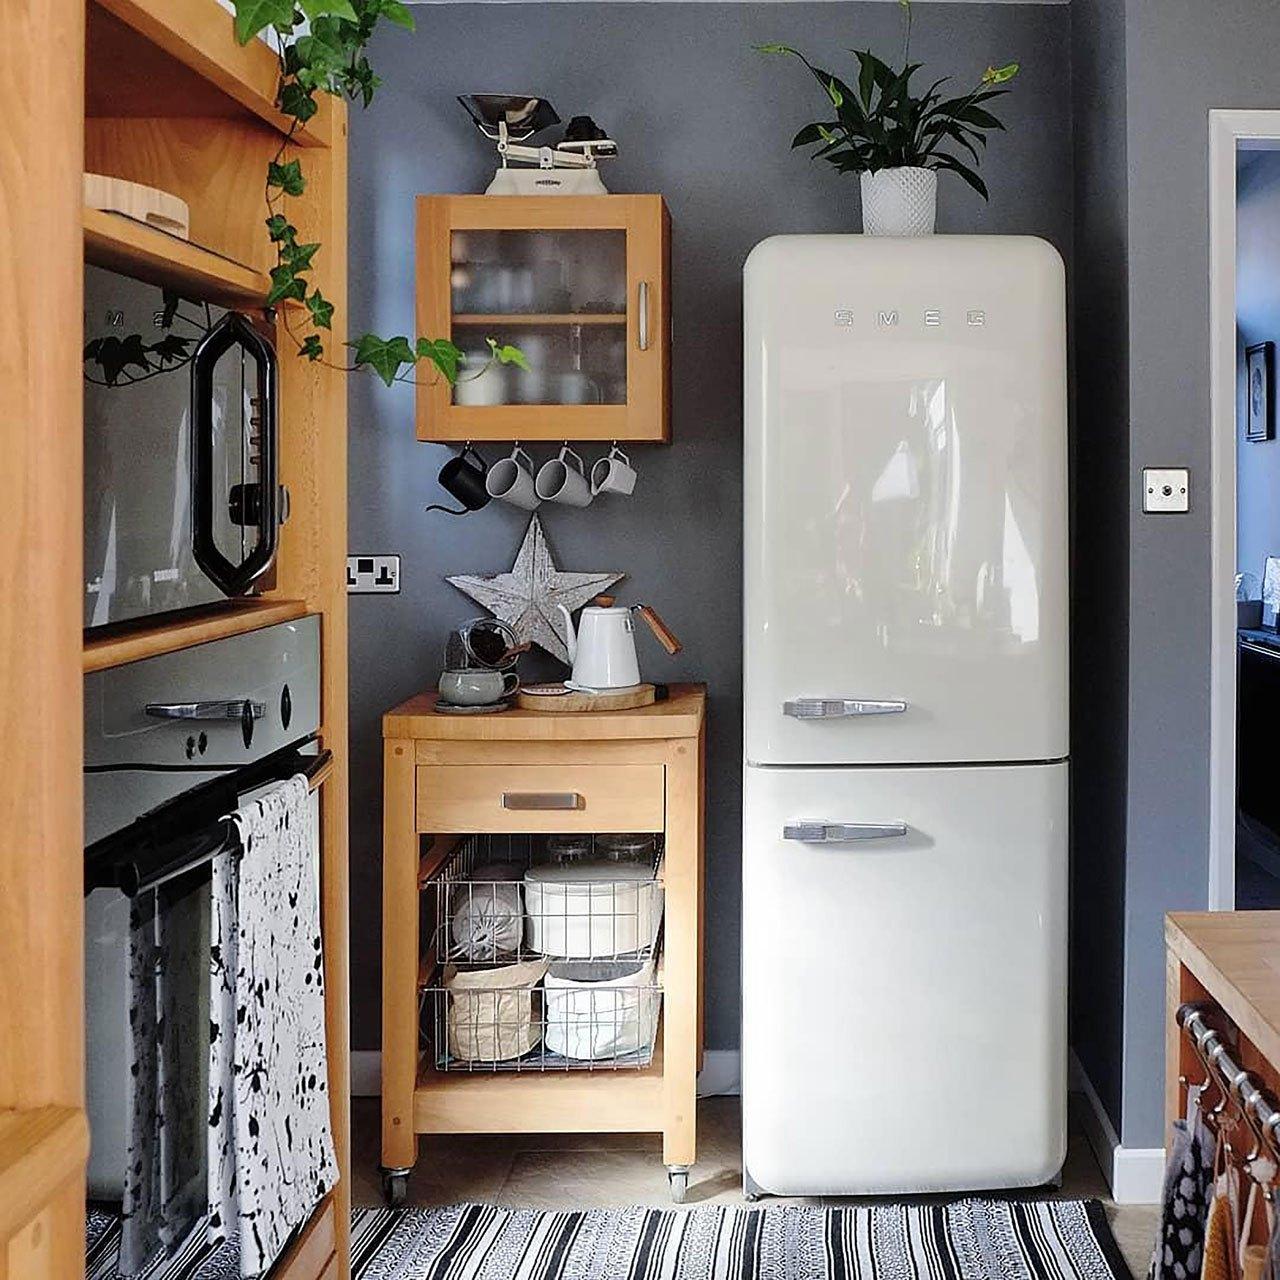 Chọn mua tủ lạnh có điện tích nhỏ phù hợp cho sinh viên